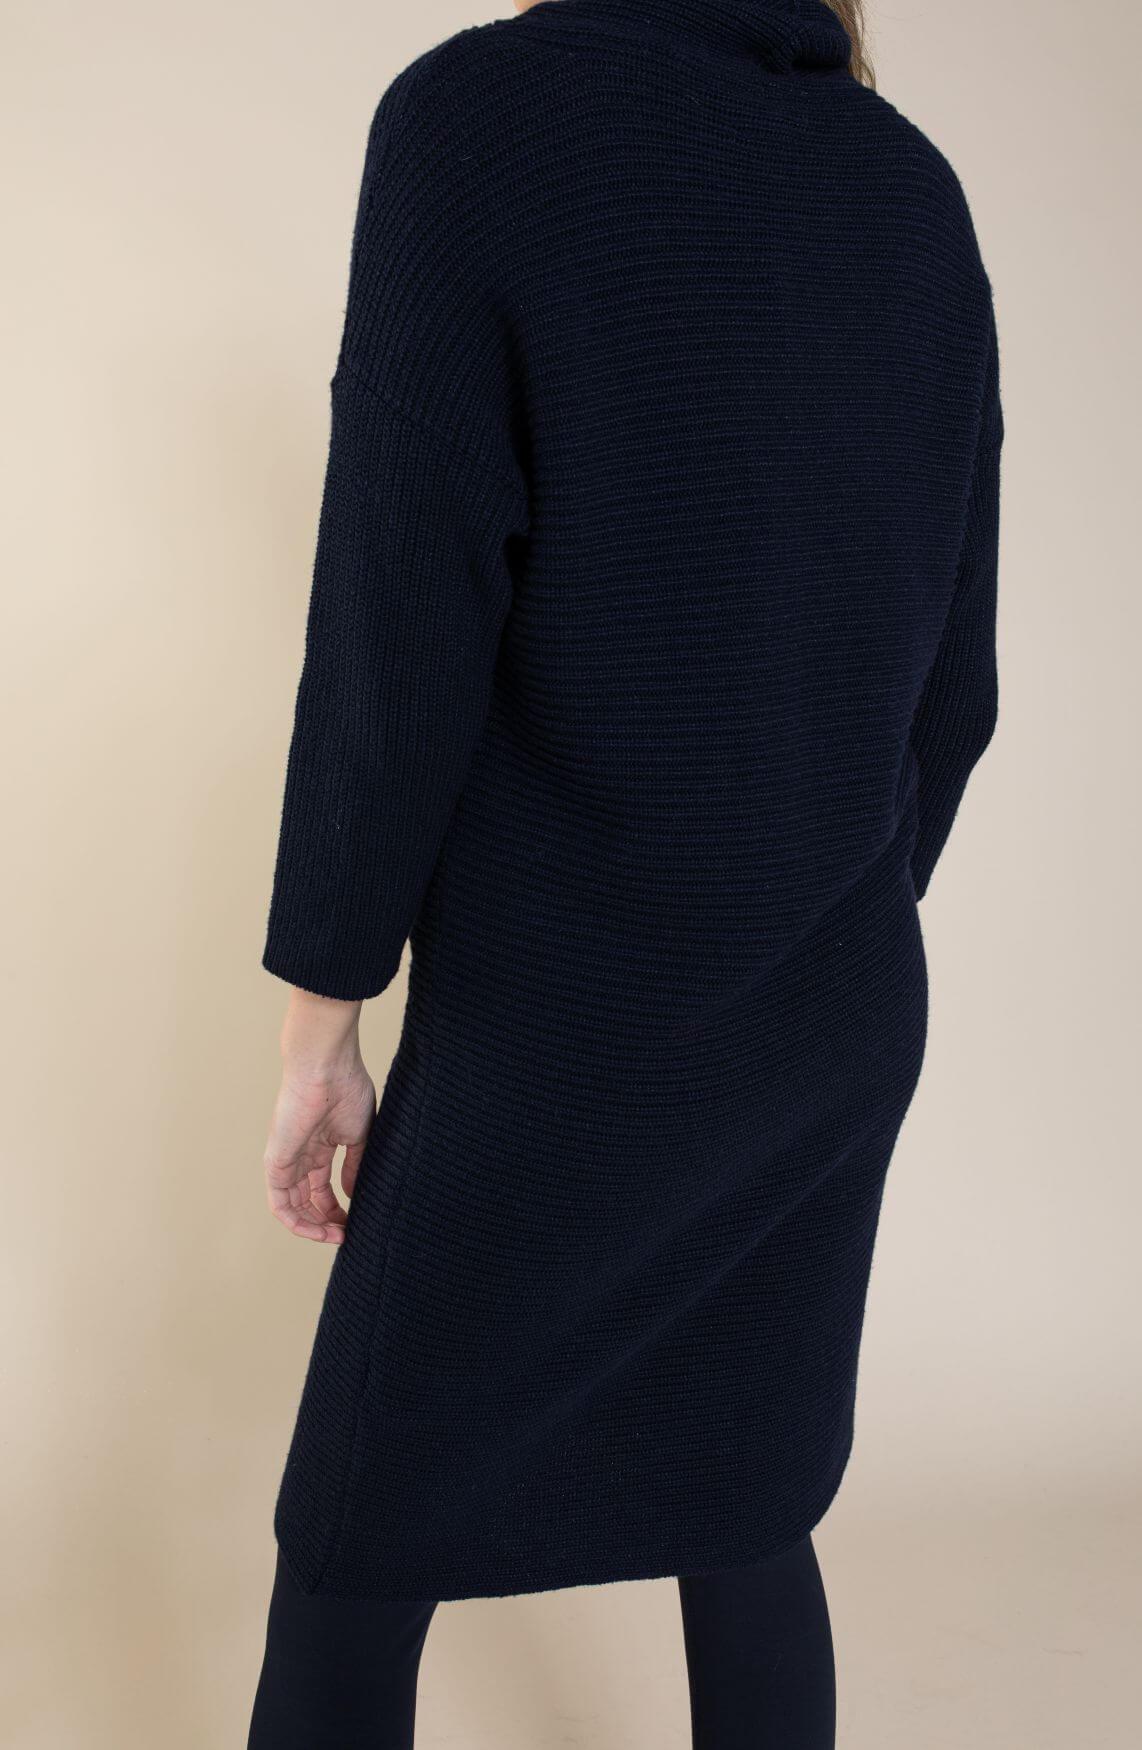 Tommy Hilfiger Dames Gebreide jurk Blauw